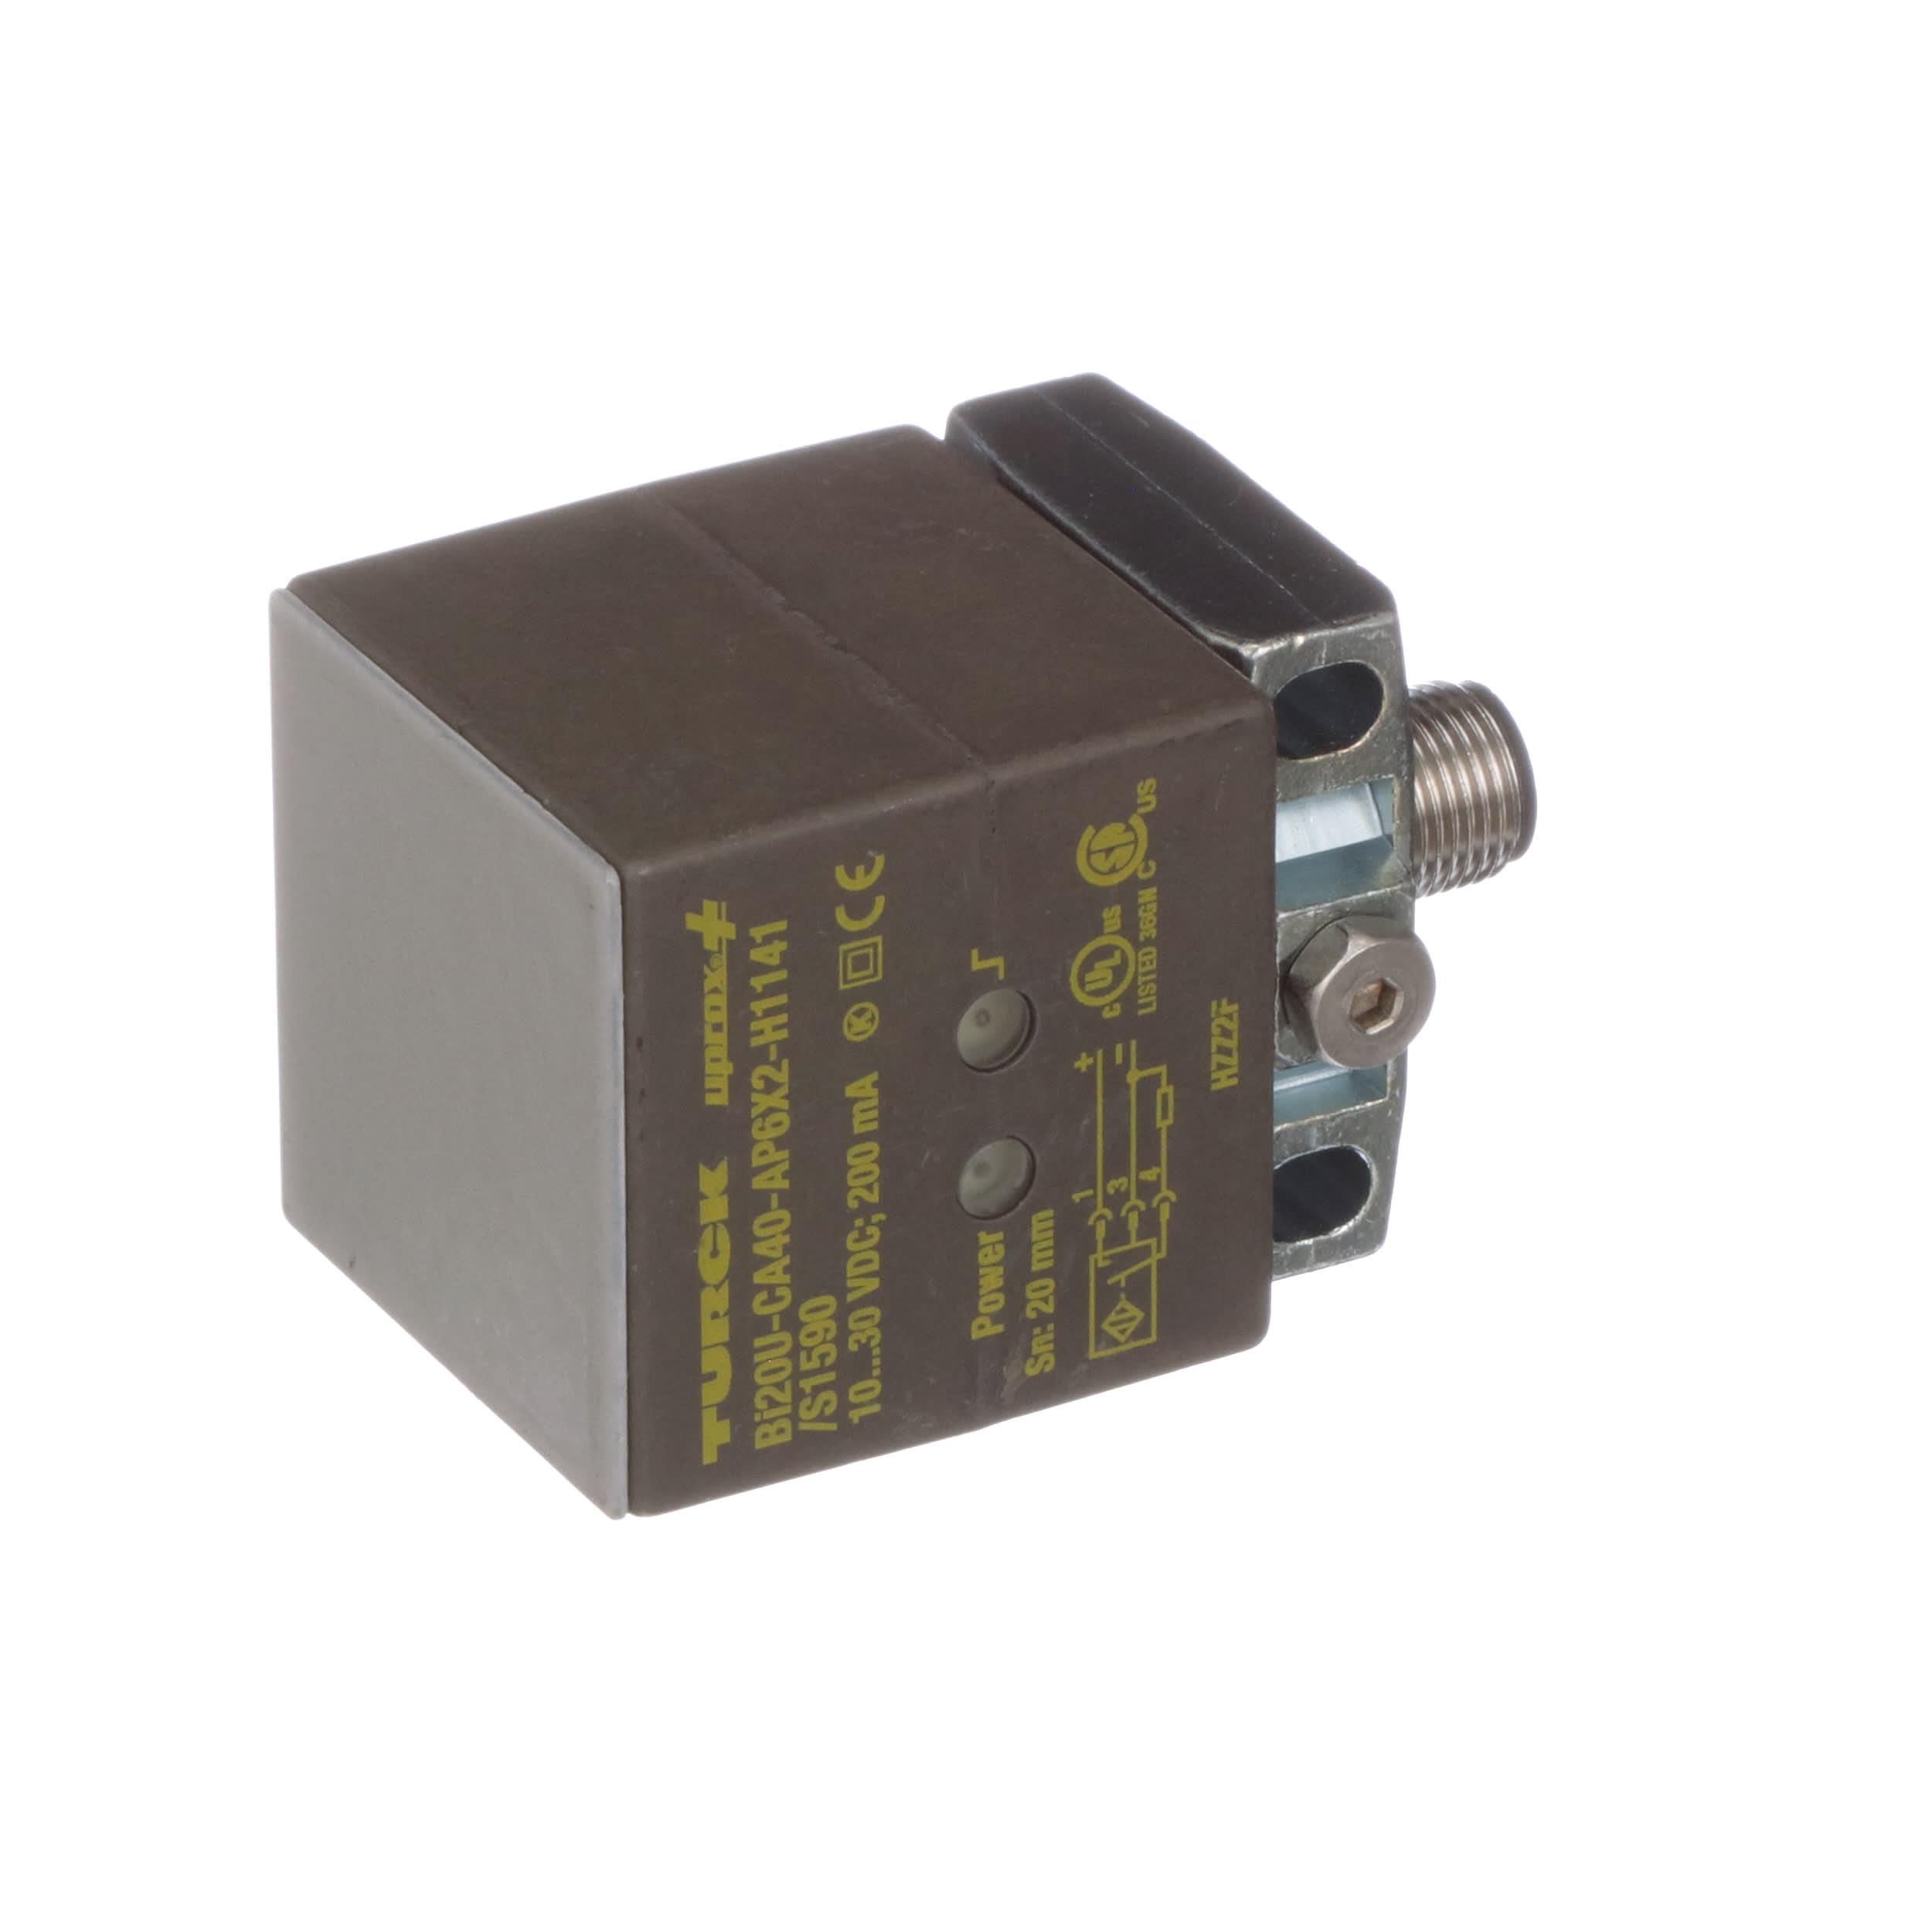 Details about  /Turck BC20-Q20-AP4X2-H1141//S400 Capacitive Sensor 2530103